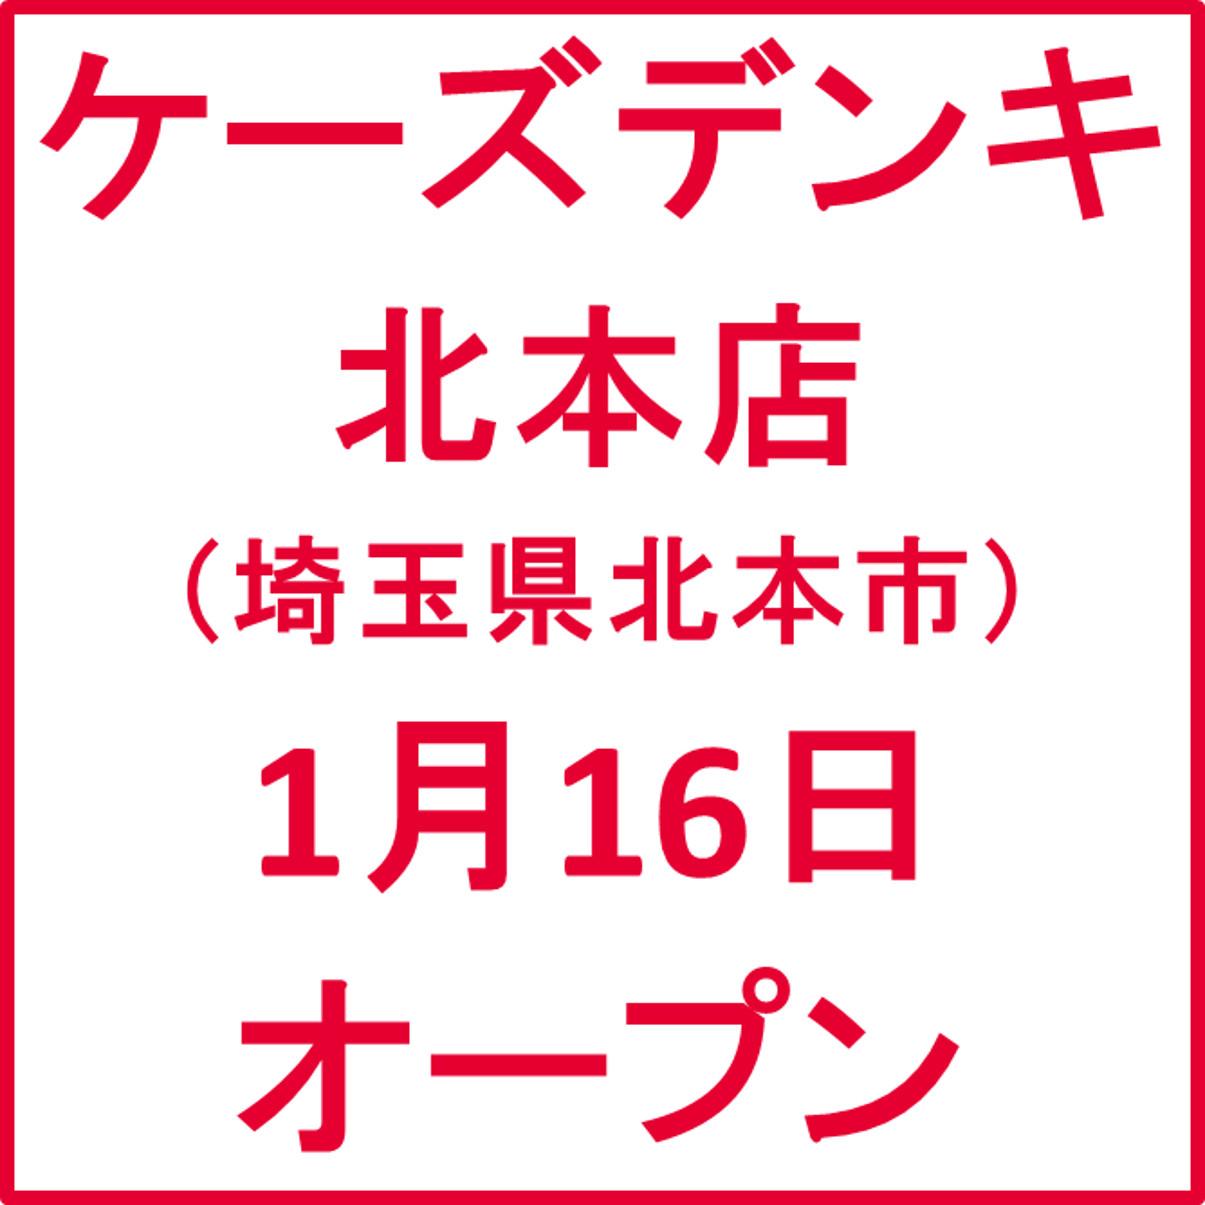 ケーズデンキ北本店オープンアイキャッチ1205